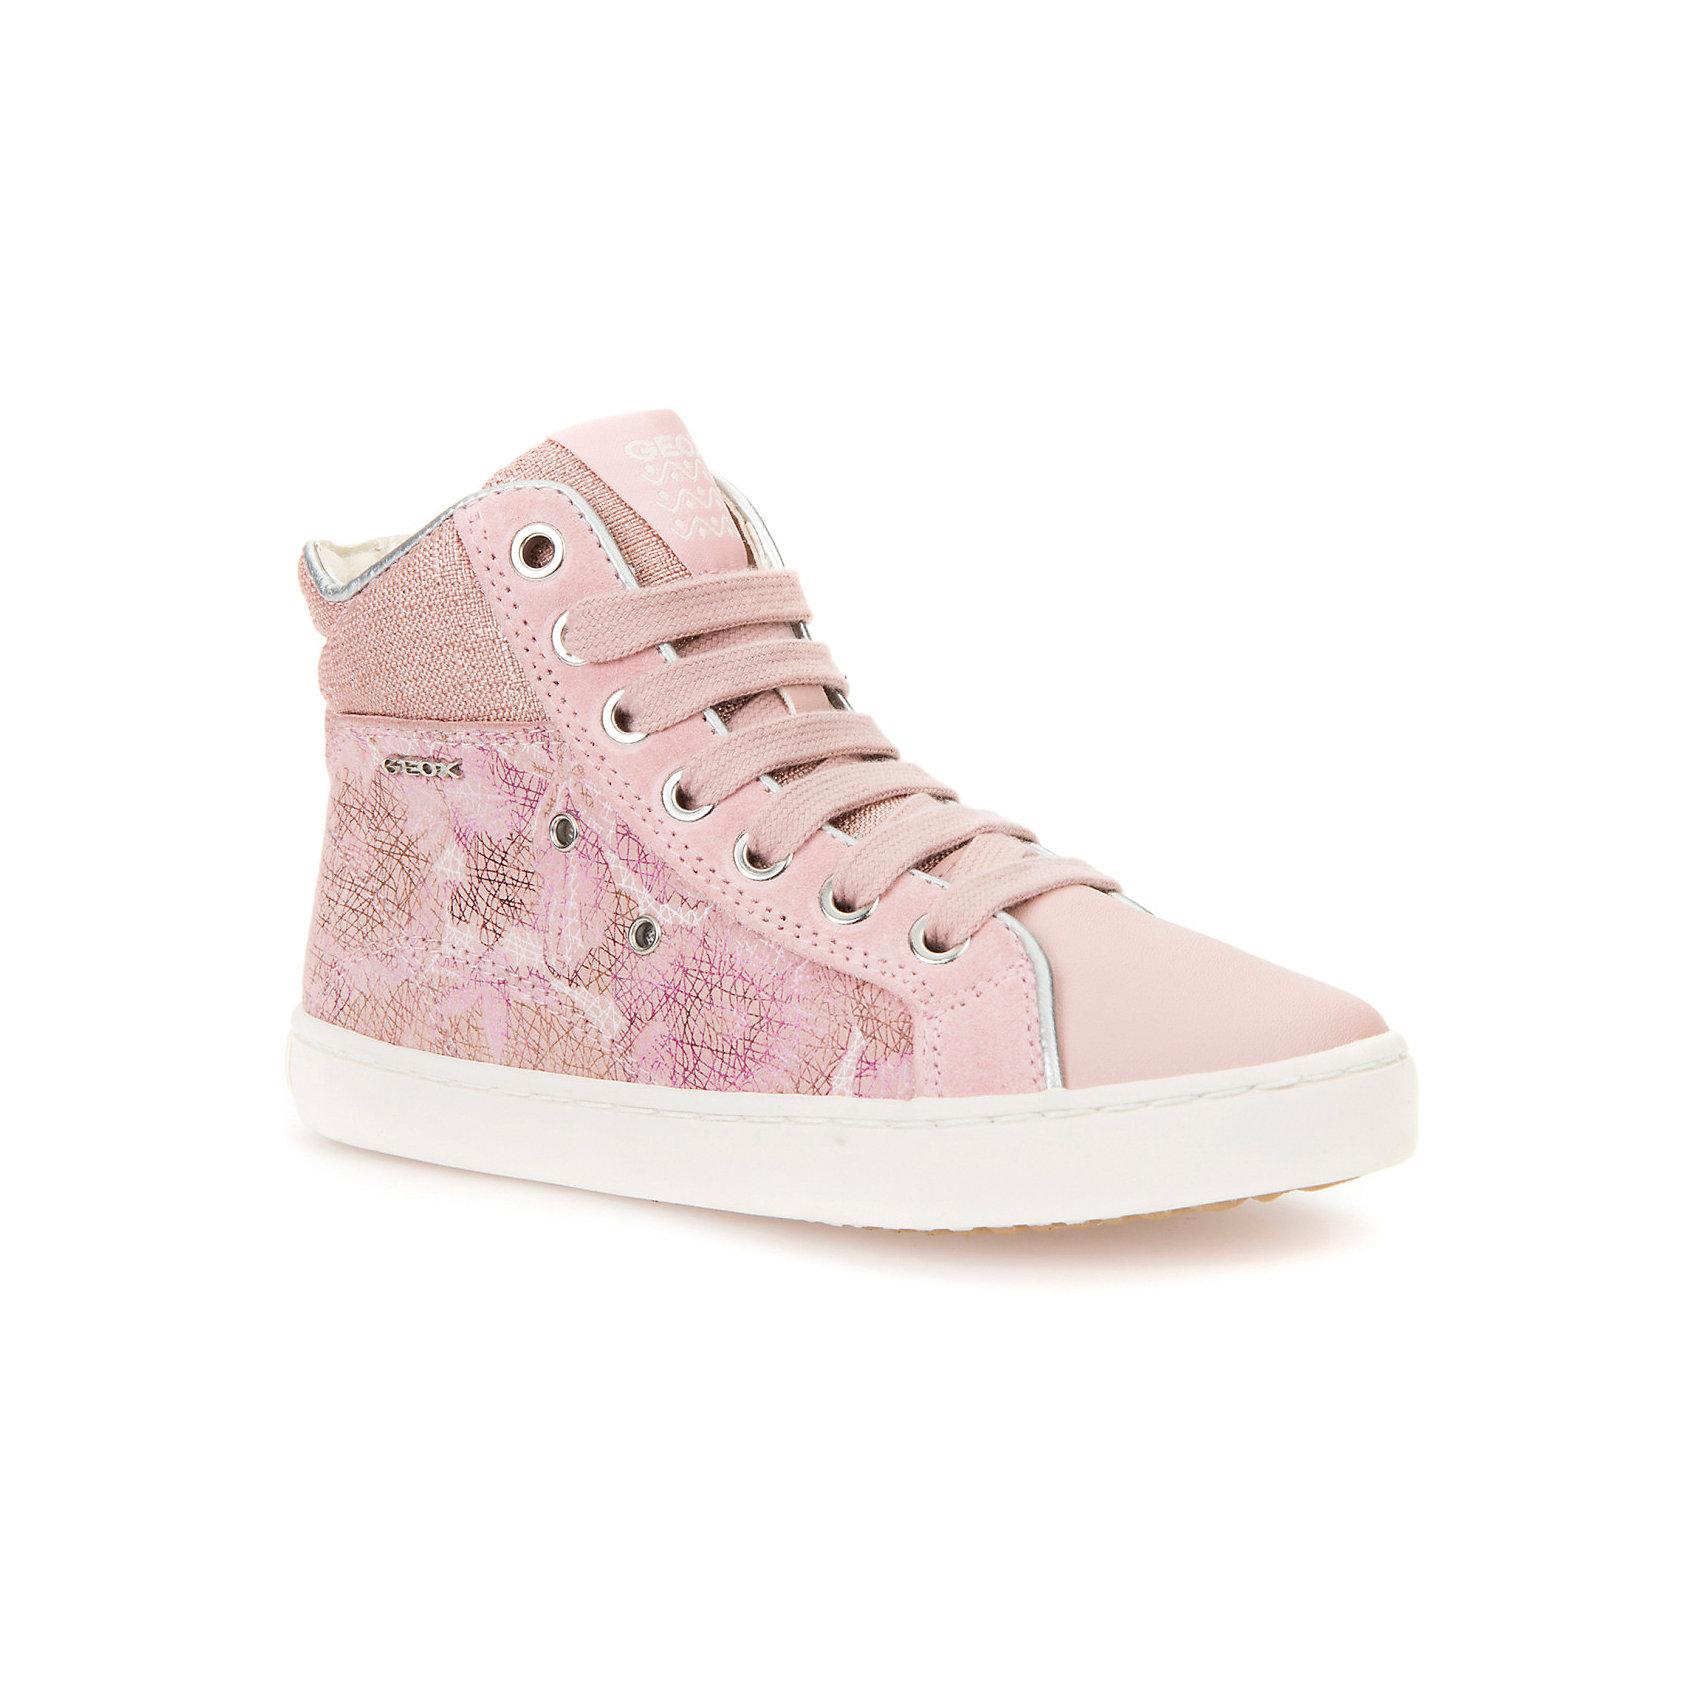 Кеды для девочки GEOXВесенняя капель<br>Характеристики товара:<br><br>• цвет: розовый<br>• внешний материал: 80% натуральная кожа, 20% текстиль<br>• внутренний материал: текстиль<br>• стелька: натуральная кожа<br>• подошва: резина<br>• застежка: шнуровка, молния<br>• комфортная посадка на ноге<br>• высота подошвы: 1 см.<br>• устойчивая подошва<br>• мембранная технология<br>• декорированы логотипом<br>• коллекция: весна-лето 2017<br>• страна бренда: Италия<br><br>Удобные симпатичные кеды помогут обеспечить ребенку комфорт и дополнить наряд. Универсальный цвет позволяет надевать их под одежду разных расцветок. Кеды удобно сидят на ноге и красиво смотрятся. Отличный вариант для прохладной погоды!<br><br>Обувь от бренда GEOX - это классический пример итальянского стиля и высокого качества, известных по всему миру. Модели этой марки - неизменно модные и комфортные. Для их производства используются только безопасные, качественные материалы и фурнитура. Отличие этой линейки обуви - мембранная технология, которая обеспечивает естественное дыхание обуви и в то же время не пропускает воду. Это особенно важно для детской обуви!<br><br>Кеды от итальянского бренда GEOX (ГЕОКС) можно купить в нашем интернет-магазине.<br><br>Ширина мм: 262<br>Глубина мм: 176<br>Высота мм: 97<br>Вес г: 427<br>Цвет: розовый<br>Возраст от месяцев: 120<br>Возраст до месяцев: 132<br>Пол: Женский<br>Возраст: Детский<br>Размер: 34,26,27,28,29,30,31,32,33<br>SKU: 5335679